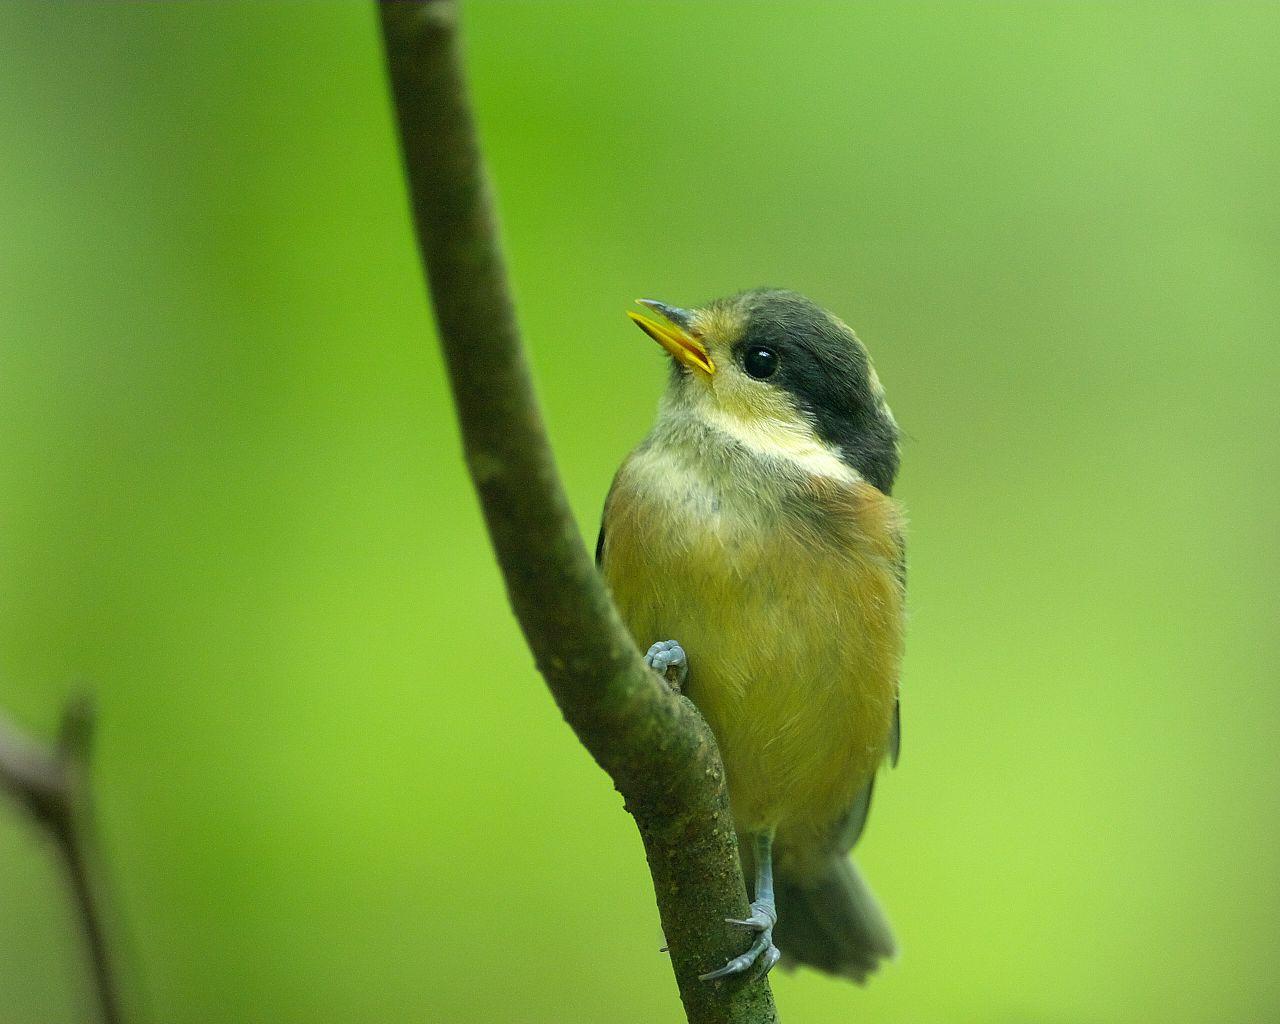 直ぐ近くまで寄ってくるヤマガラ雛ちゃん(可愛い野鳥のアップの壁紙)_f0105570_16373012.jpg